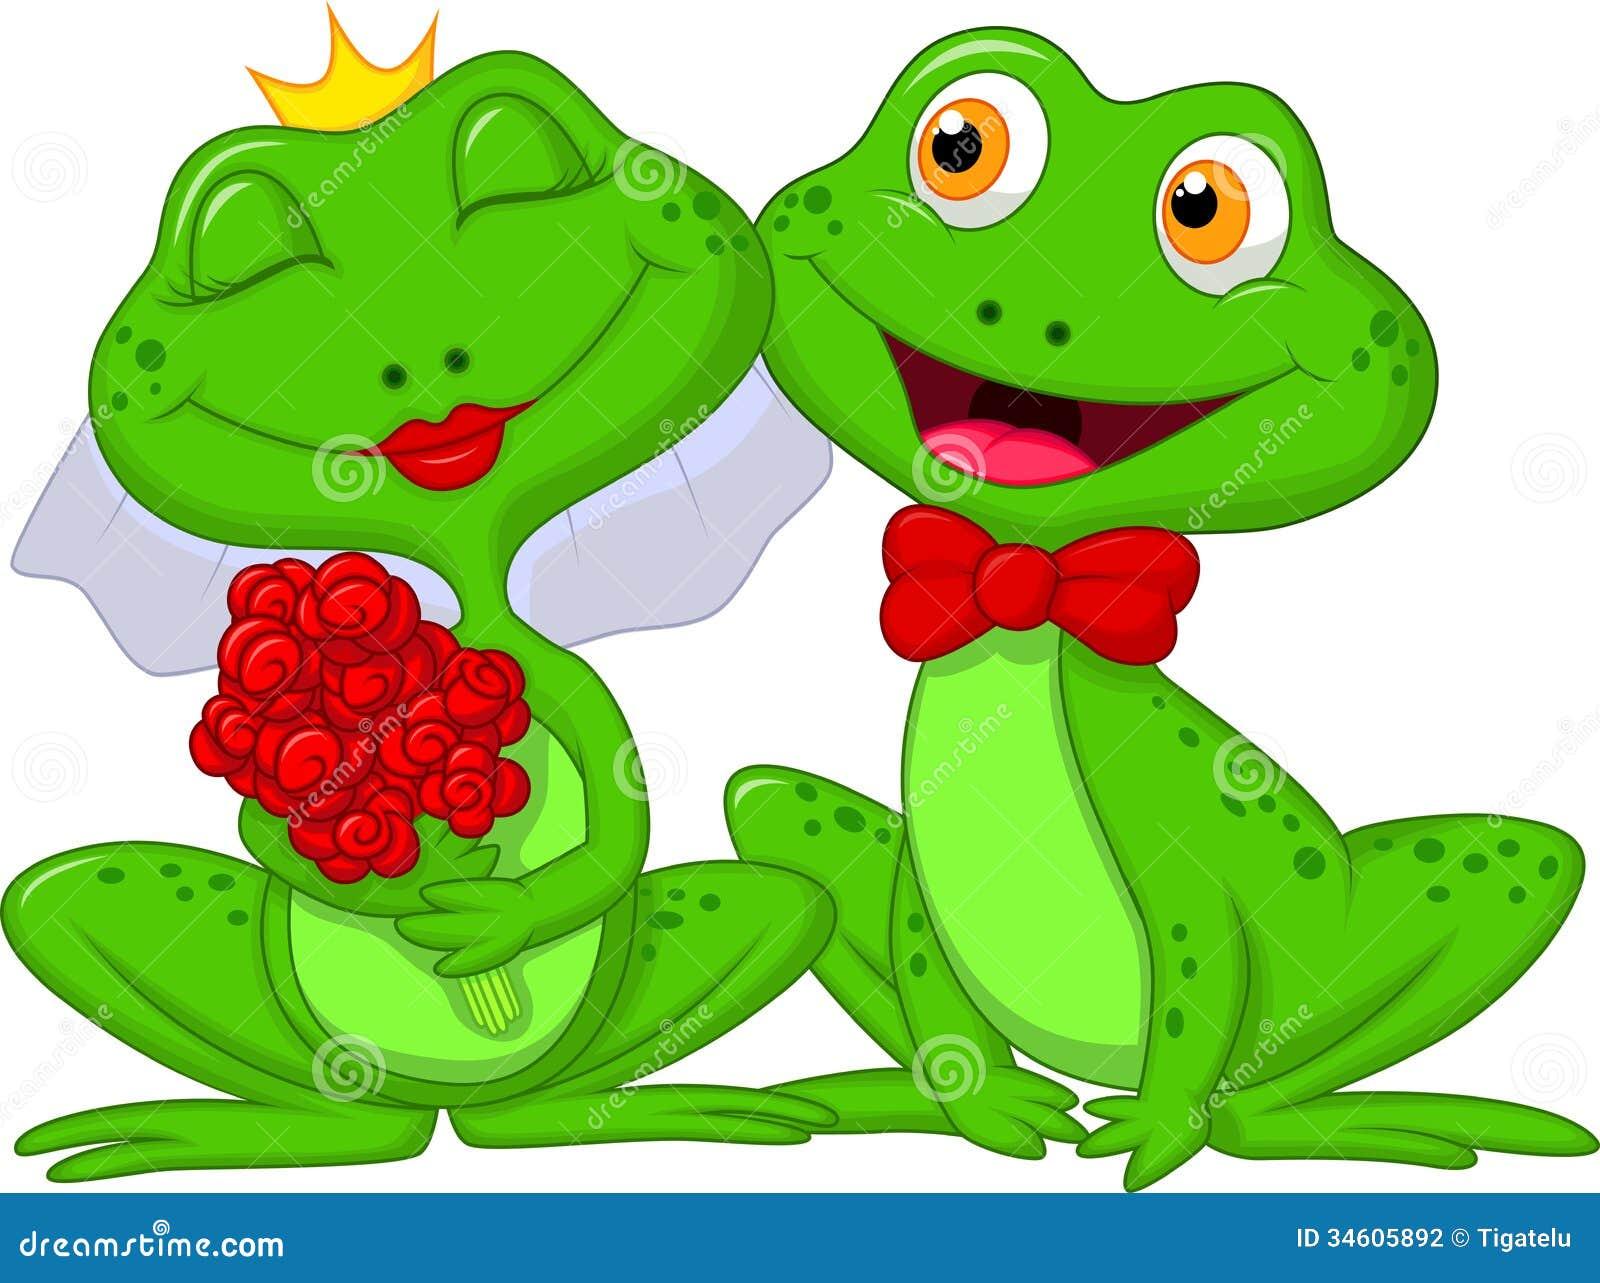 Brud och brudgum Frogs Cartoon Characters